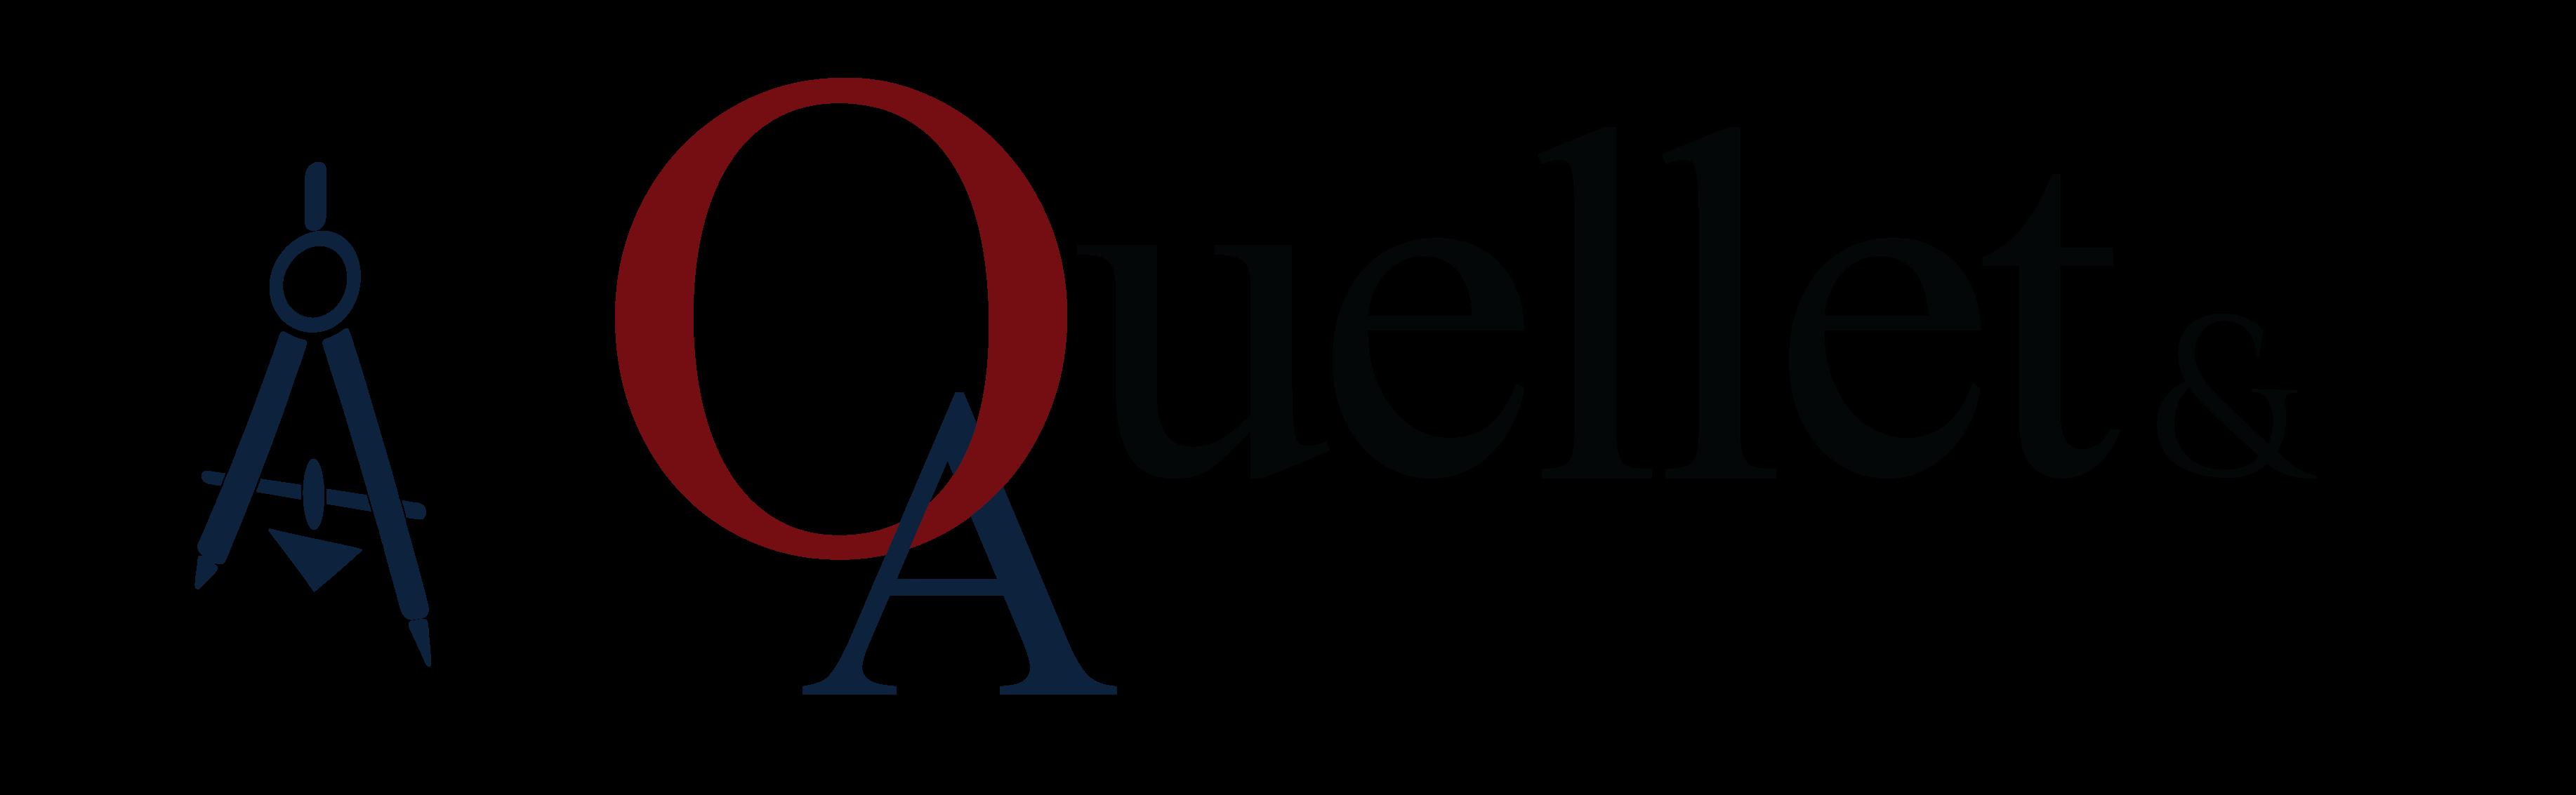 Ouellet & Associates Design Inc.